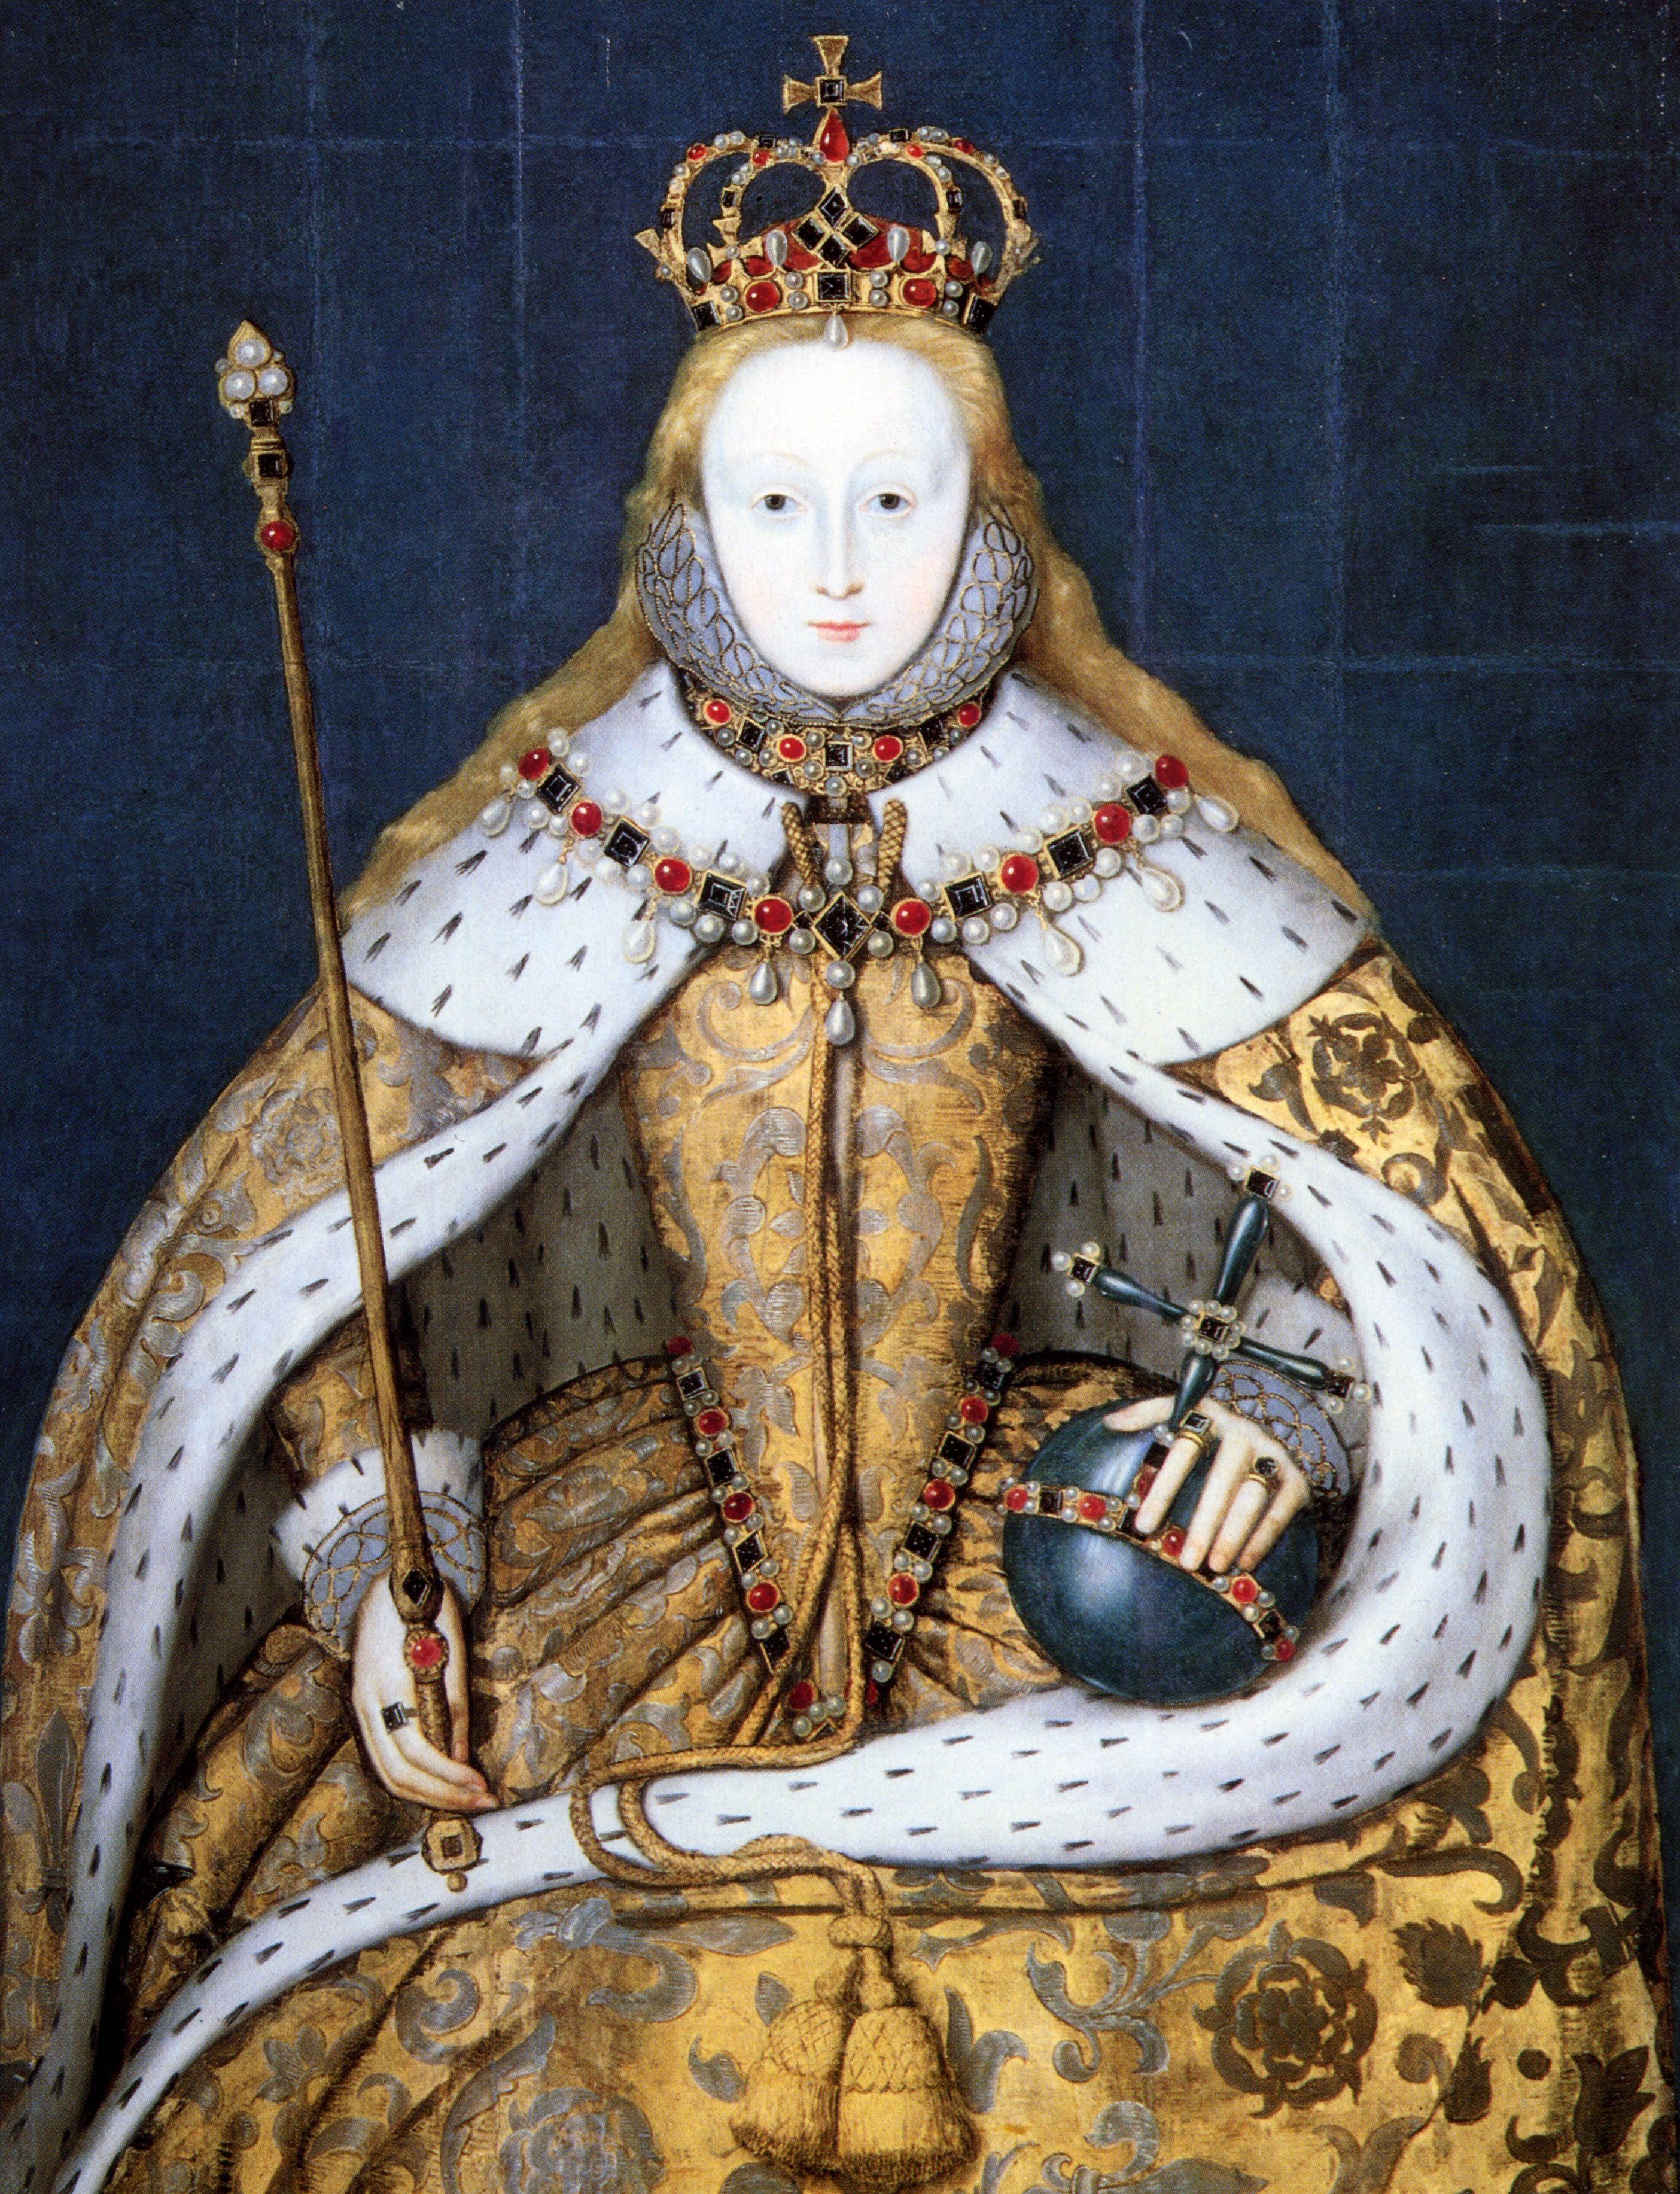 Elżbieta I w szatach koronacyjnych. Wielu widziało w niej zdeformowaną istotę, a może nawet... mężczyznę (źródło: domena publiczna).